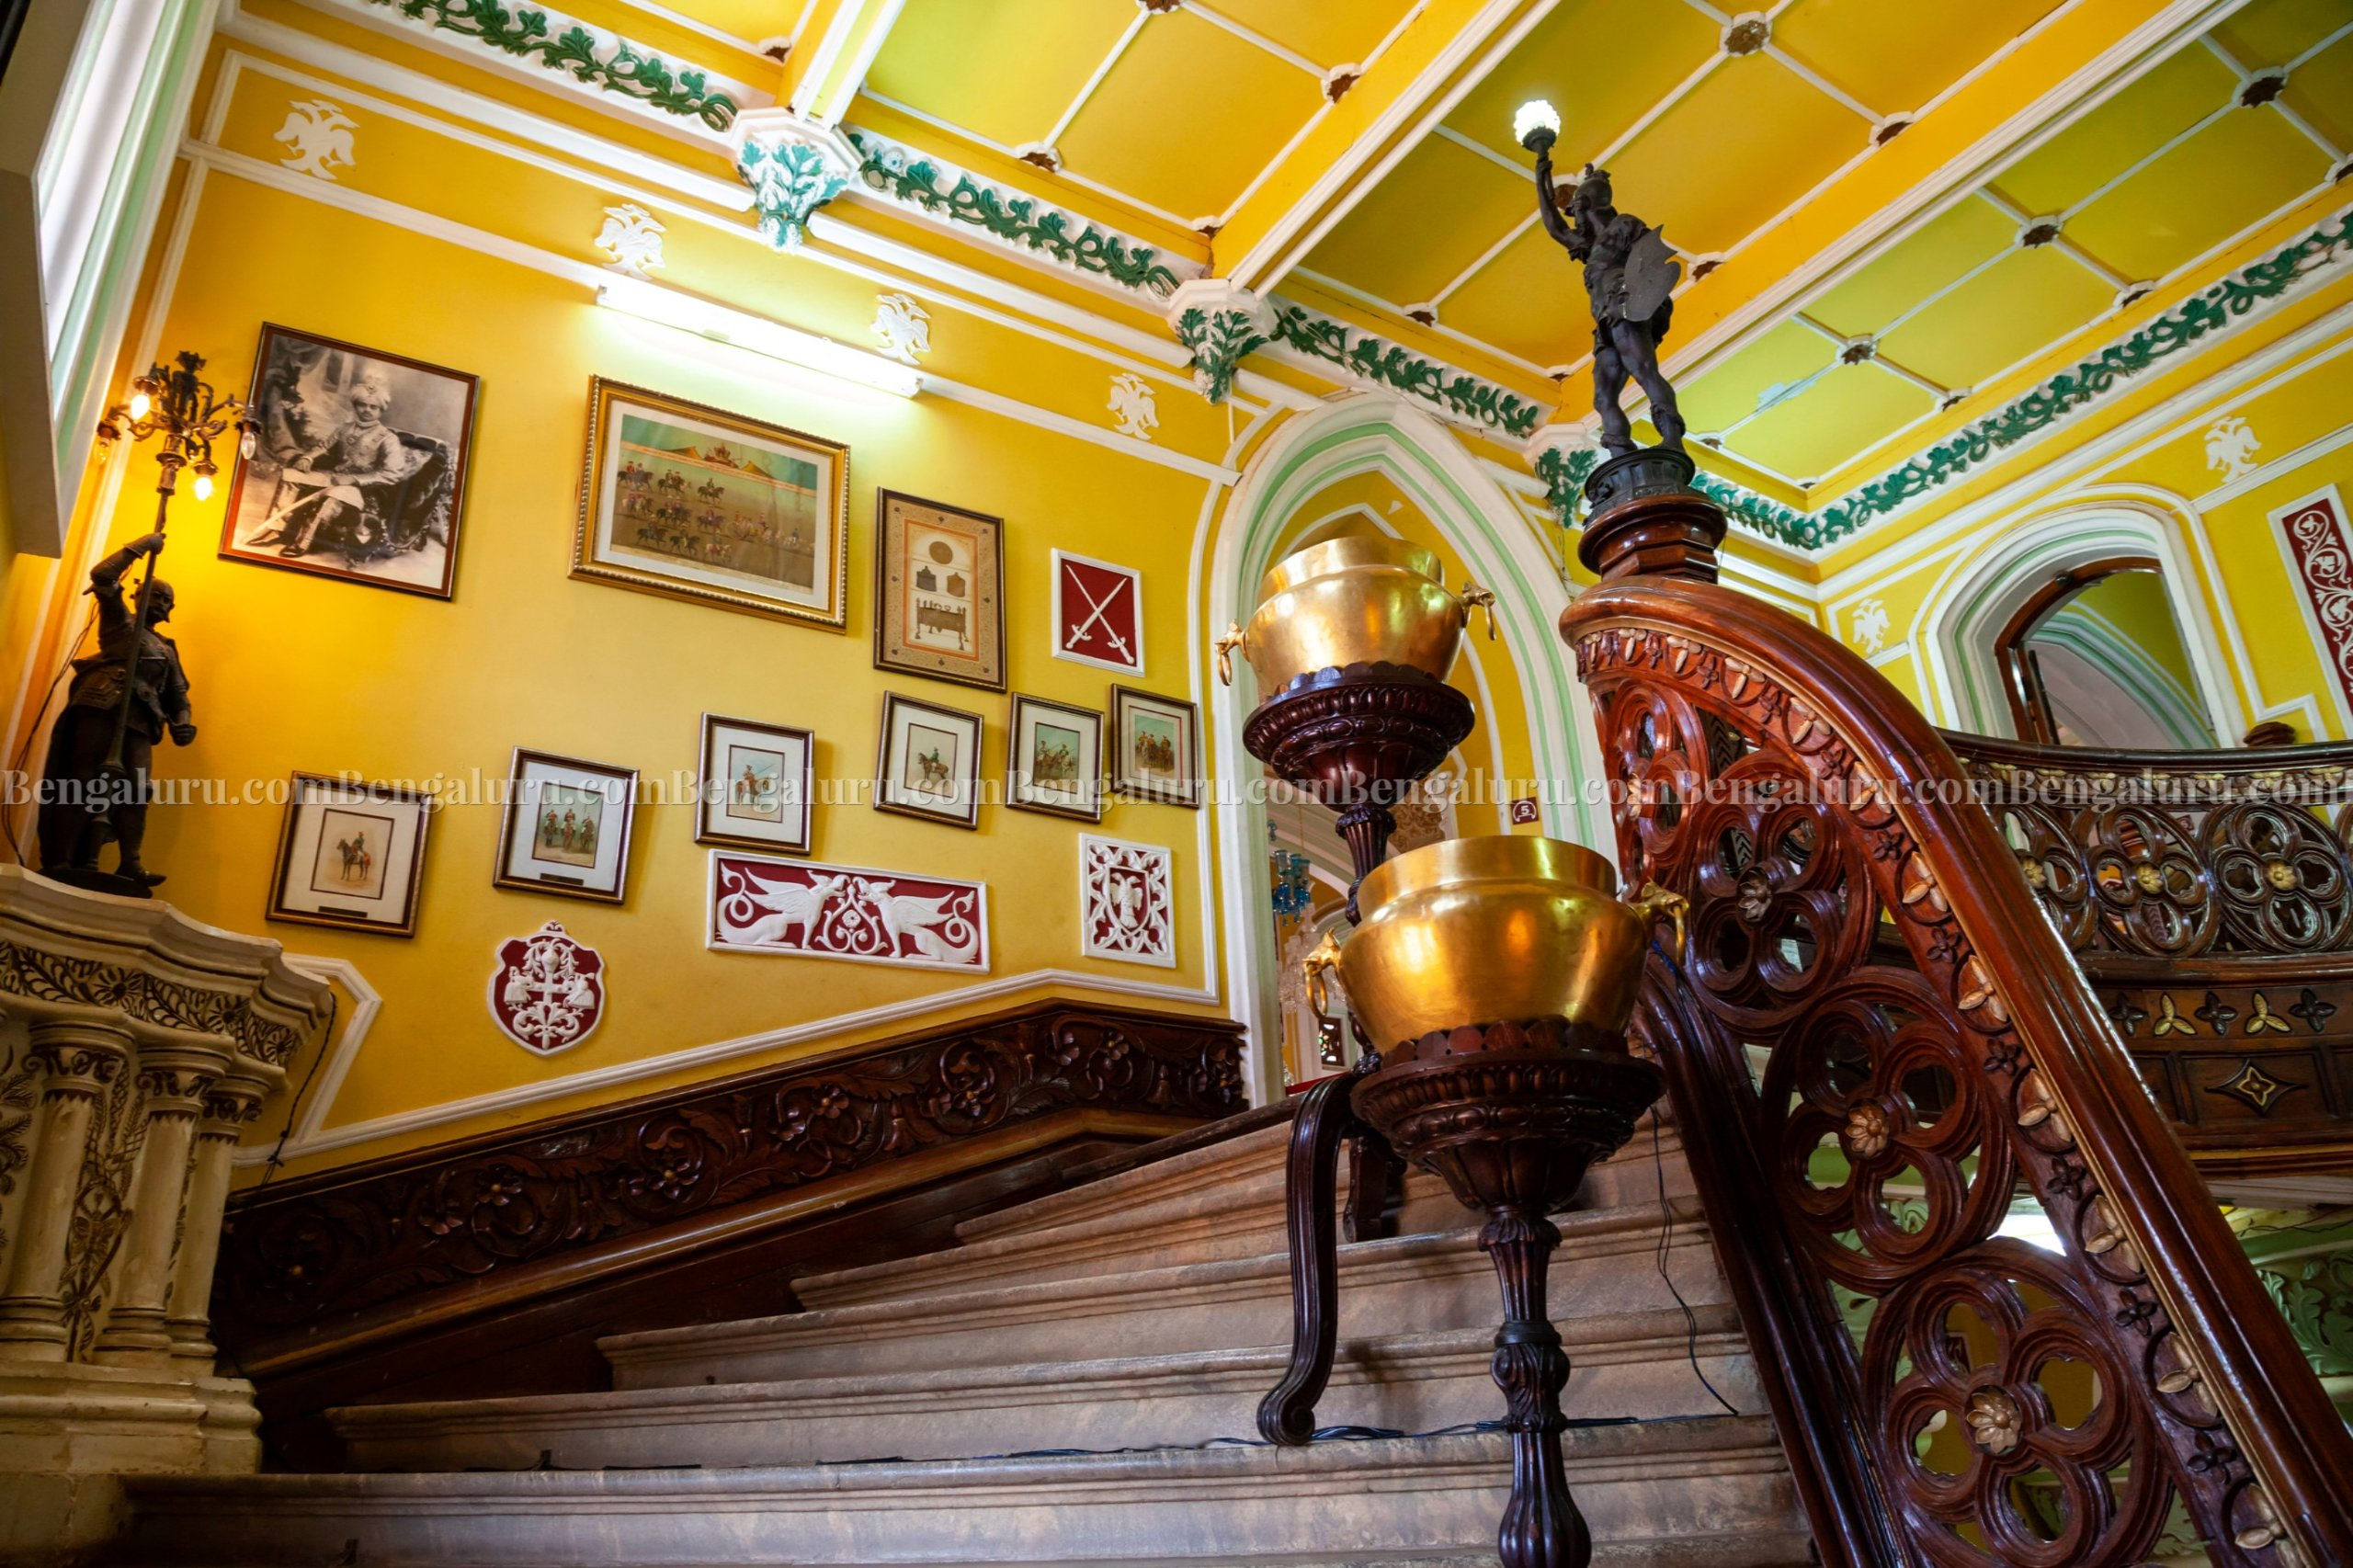 Bengaluru Palace Staircase